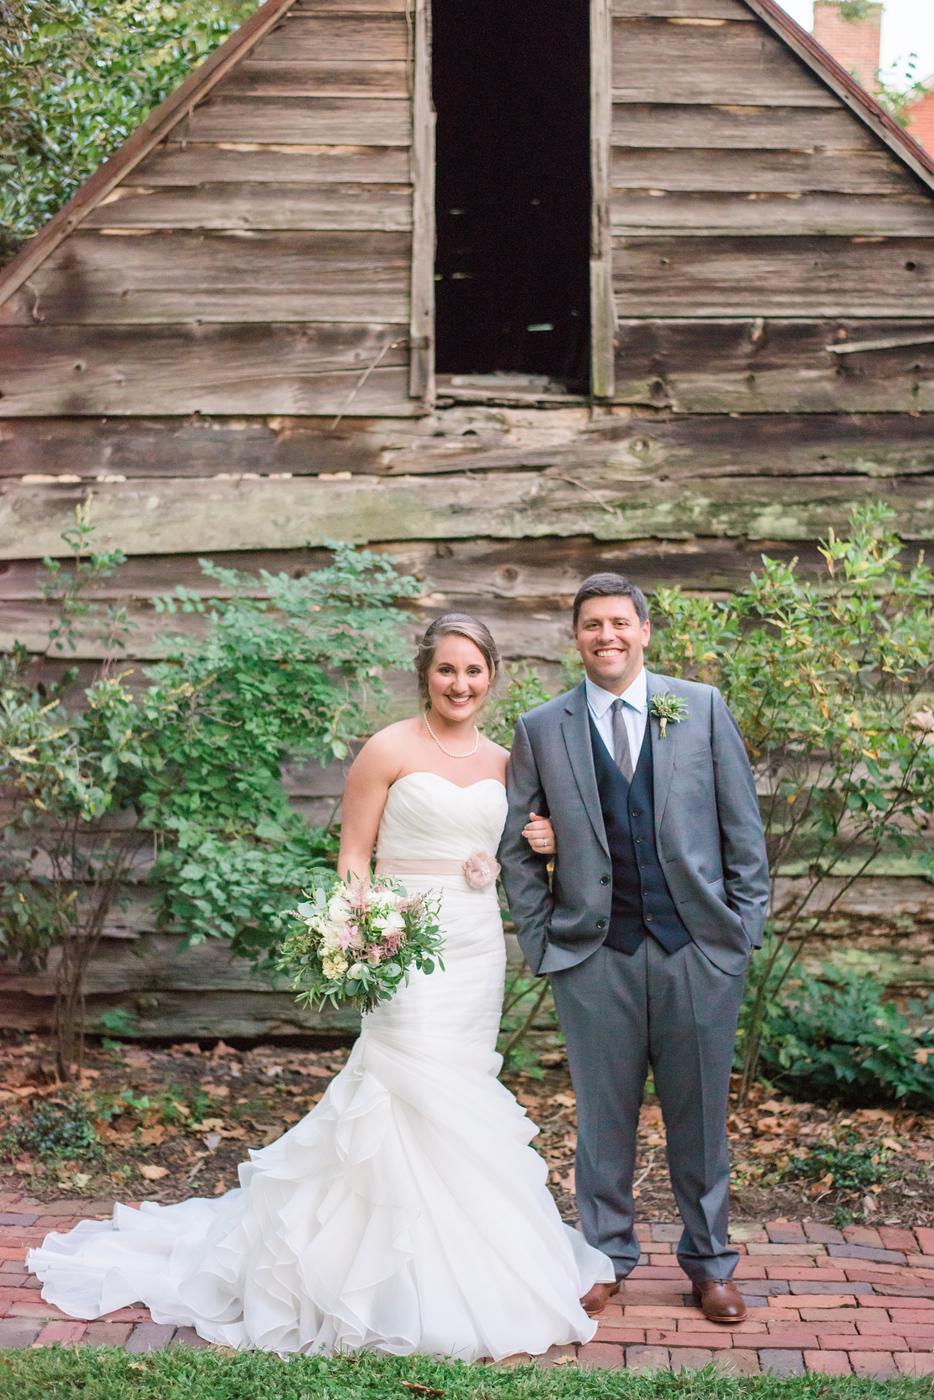 115-0533-jse-wedding-baltimore-4851